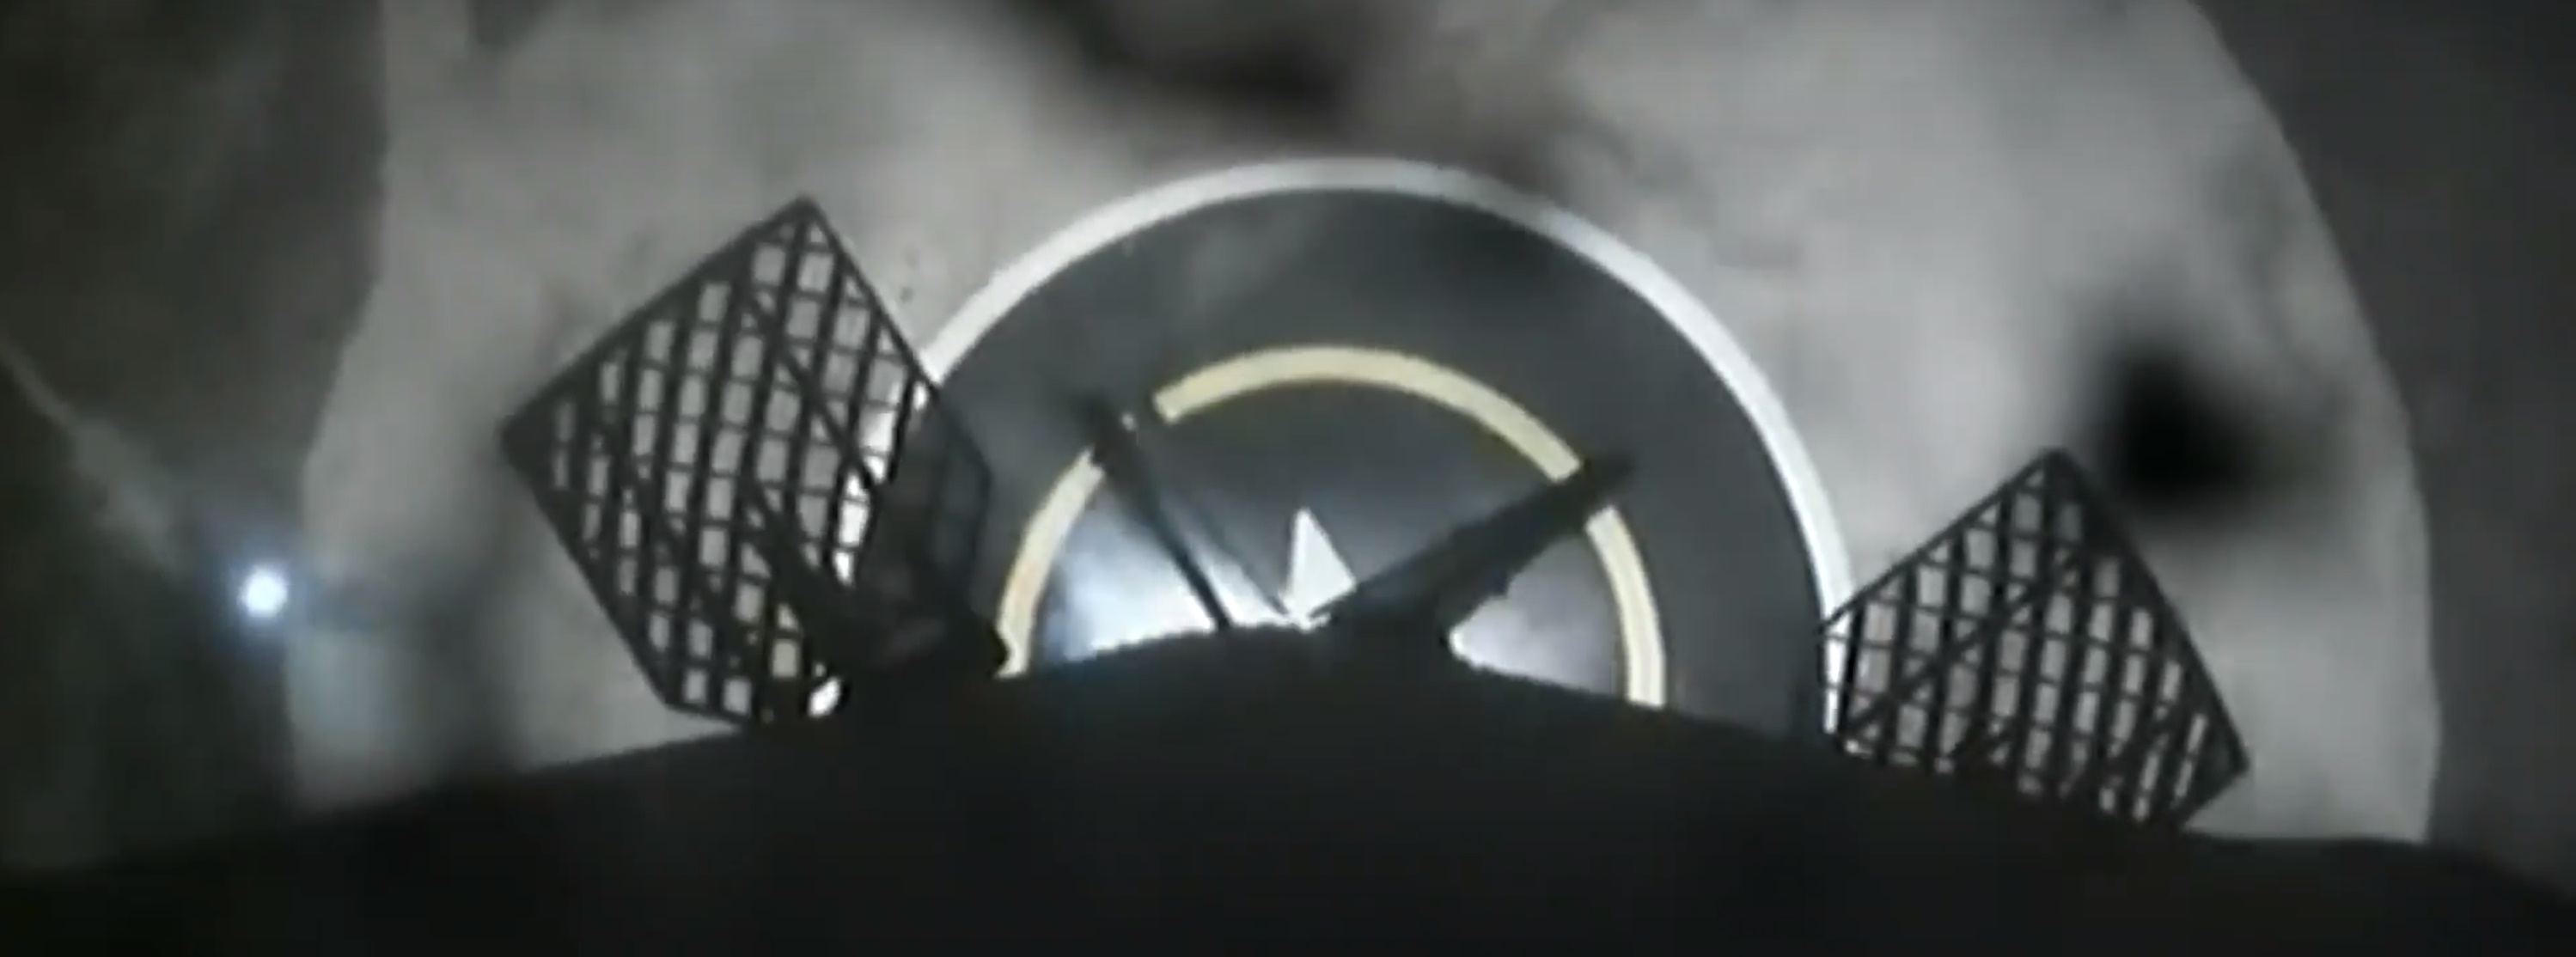 Zuma landing 2 (SpaceX)